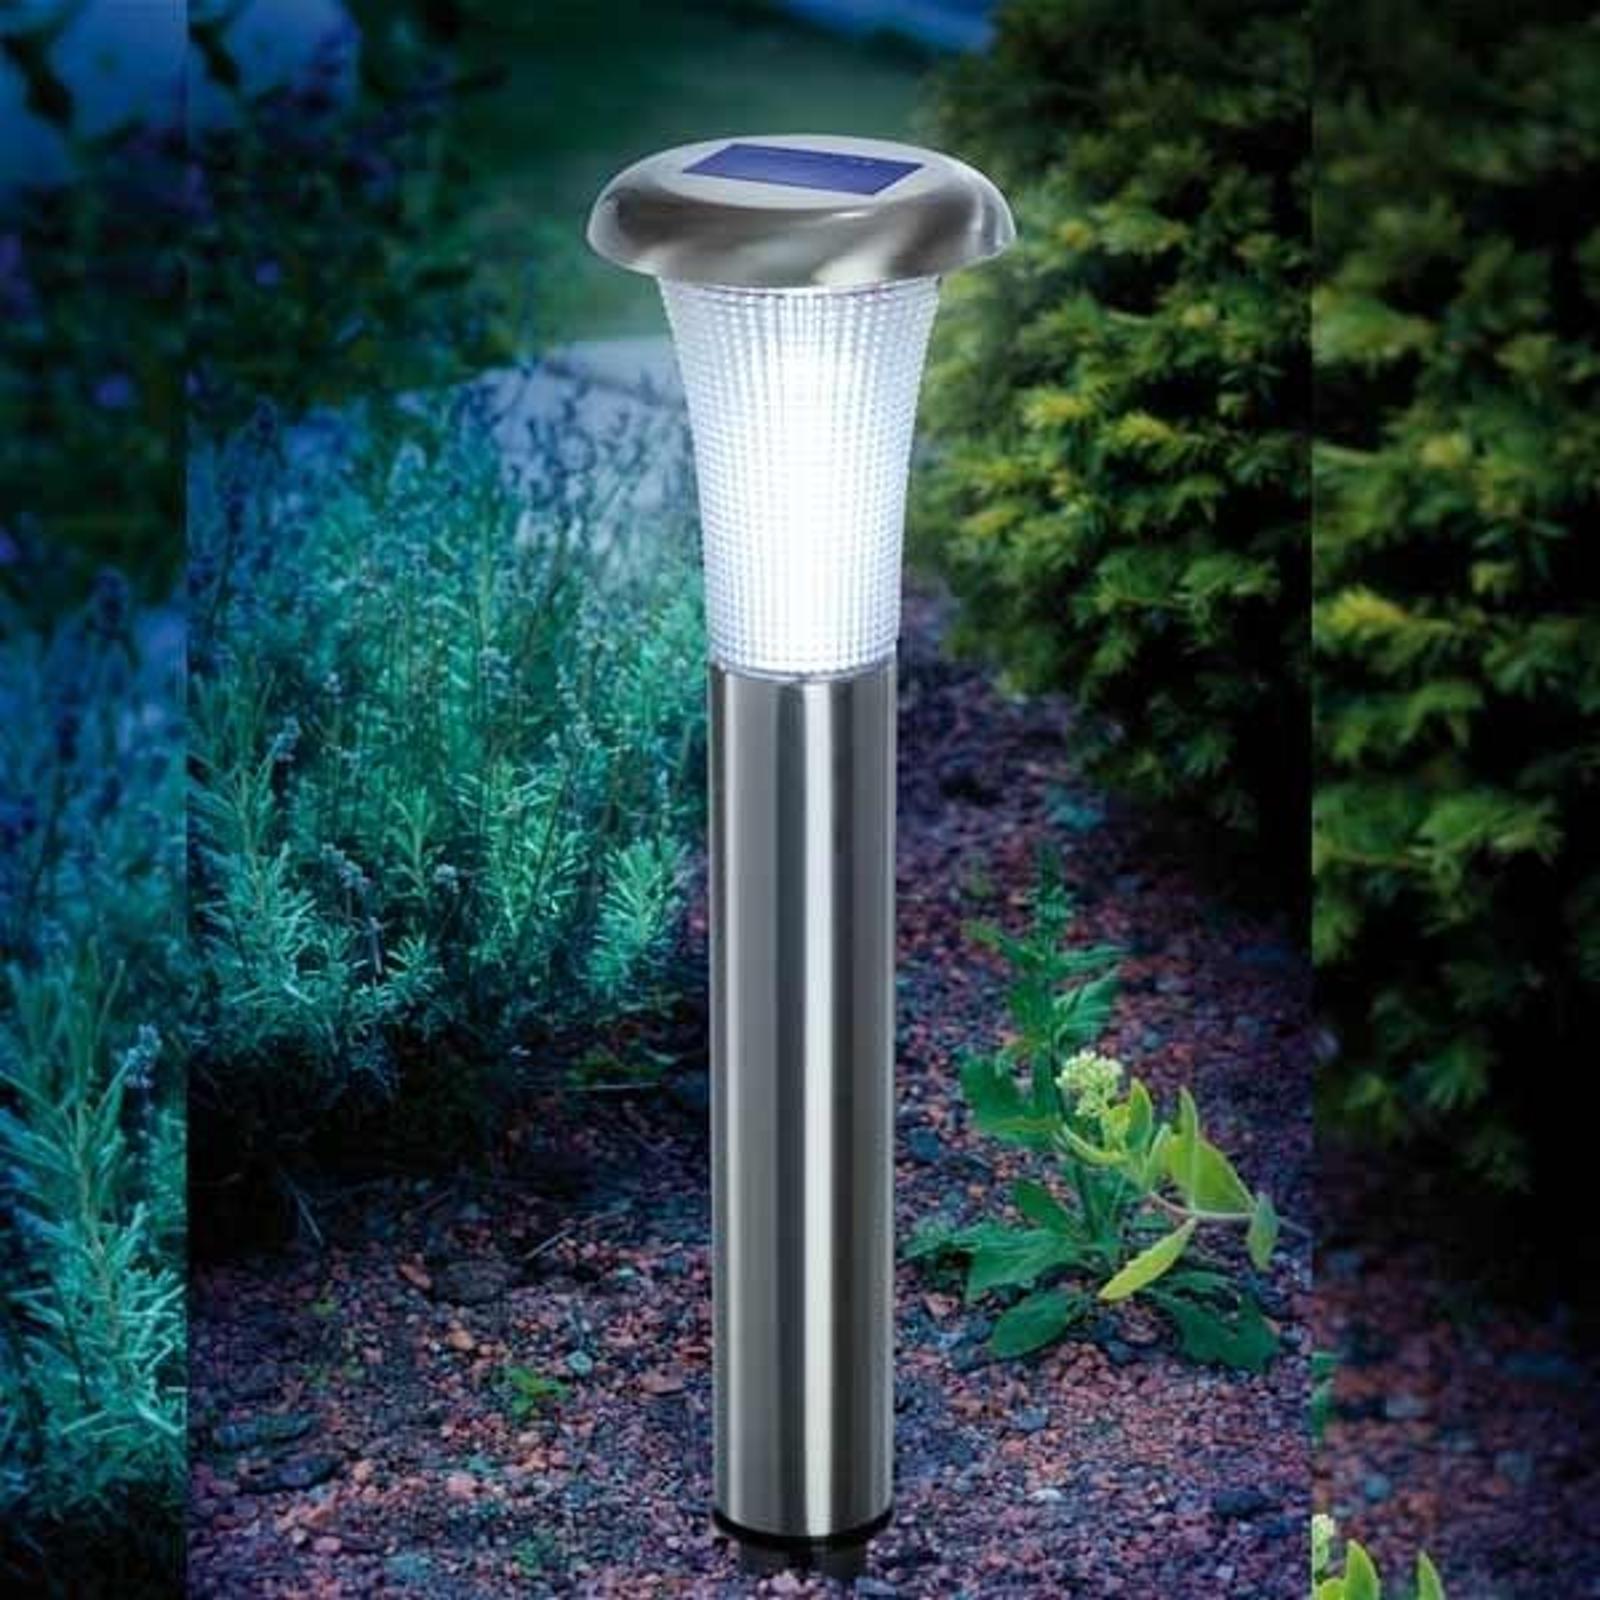 Lampe solaire en inox VESUV